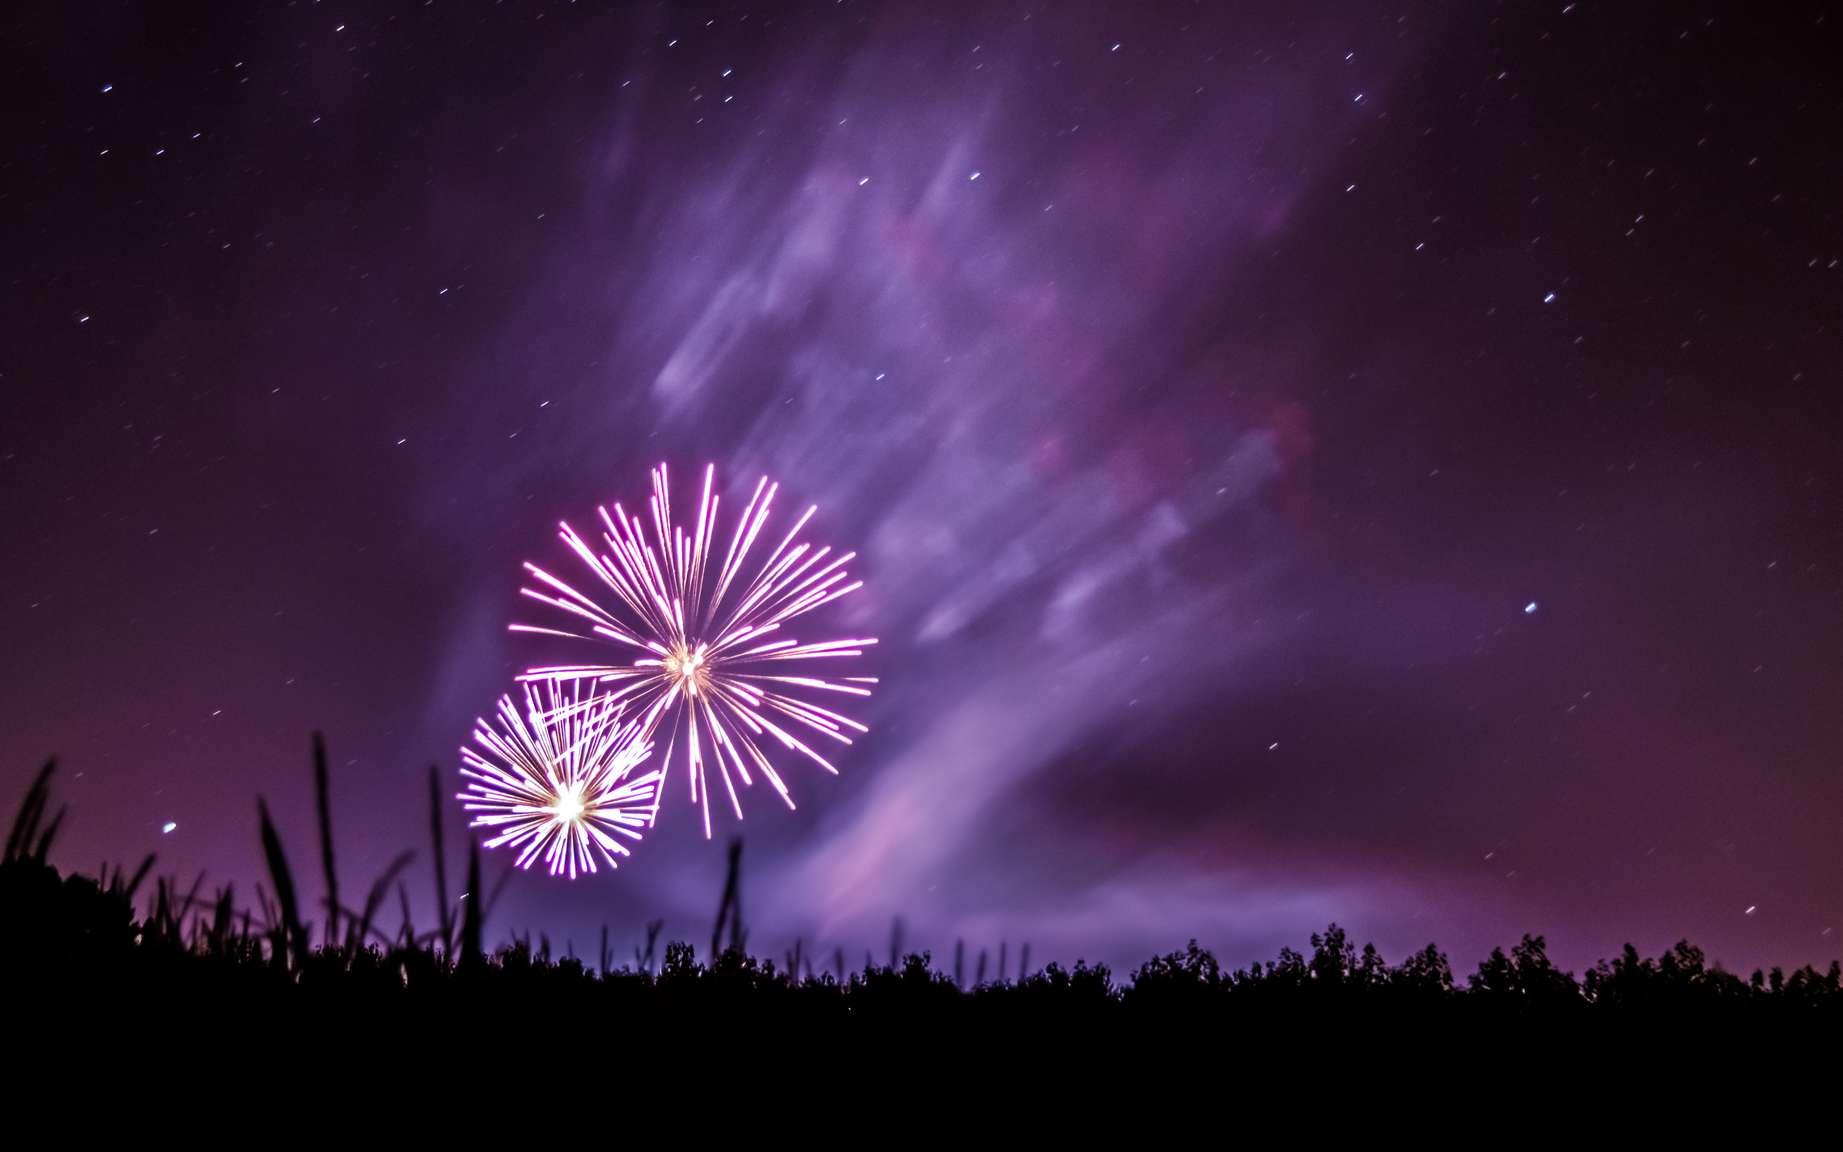 Exposés à une flamme, les sels de potassium deviennent violets. Ils sont utilisés dans les feux d'artifice. © Nacho Rascon, Flickr, CC by-nc-nd 2.0